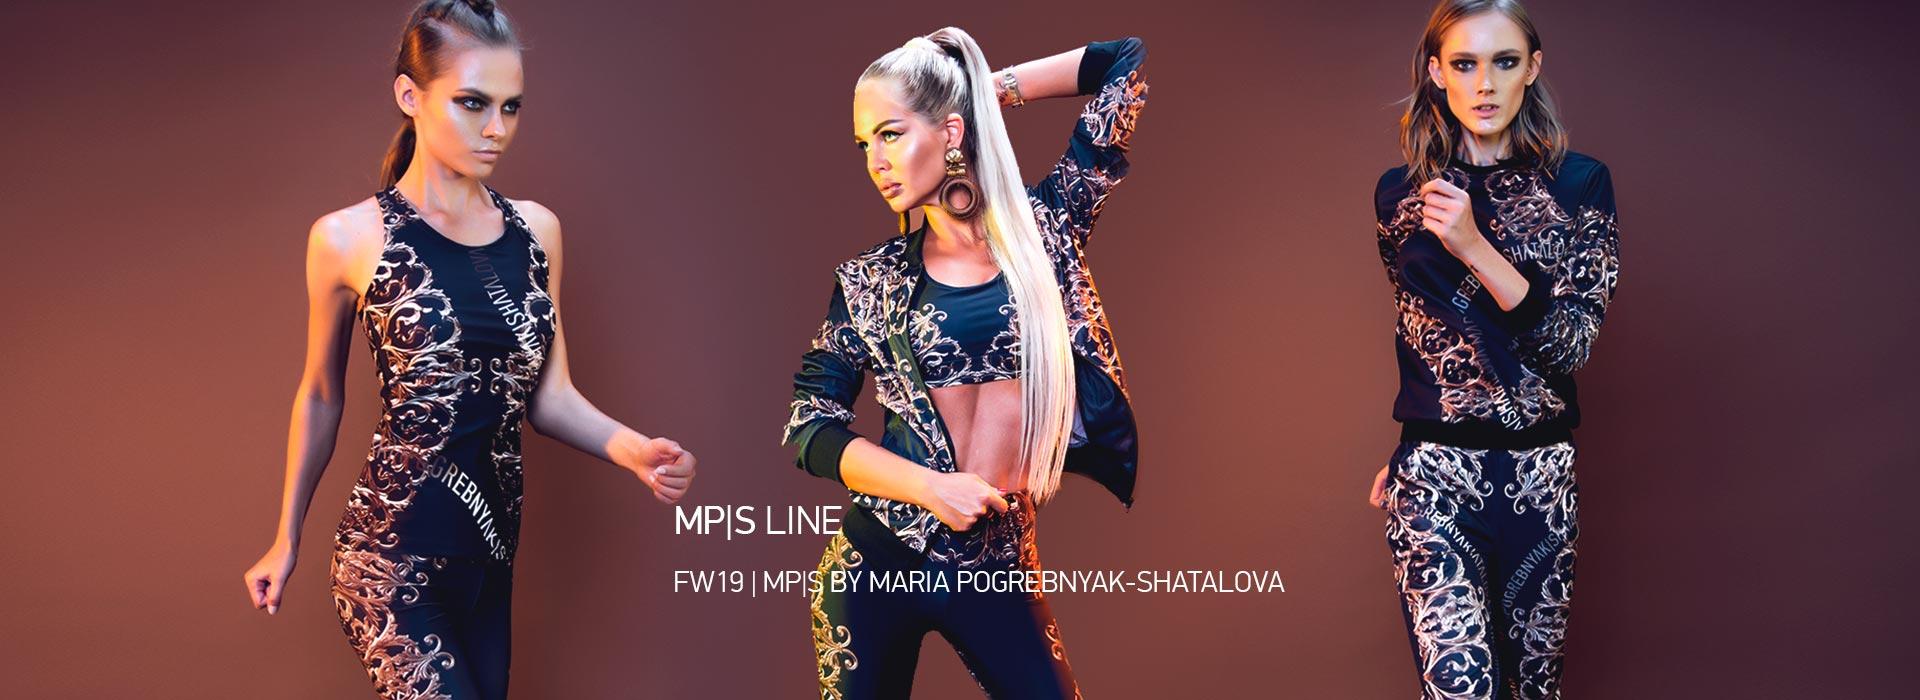 Интернет-магазин дизайнерской одежды, новые коллекции - модная женская  одежда от российского дизайнера Марии Шаталовой, купить в Москве -  официальный сайт ea960478275